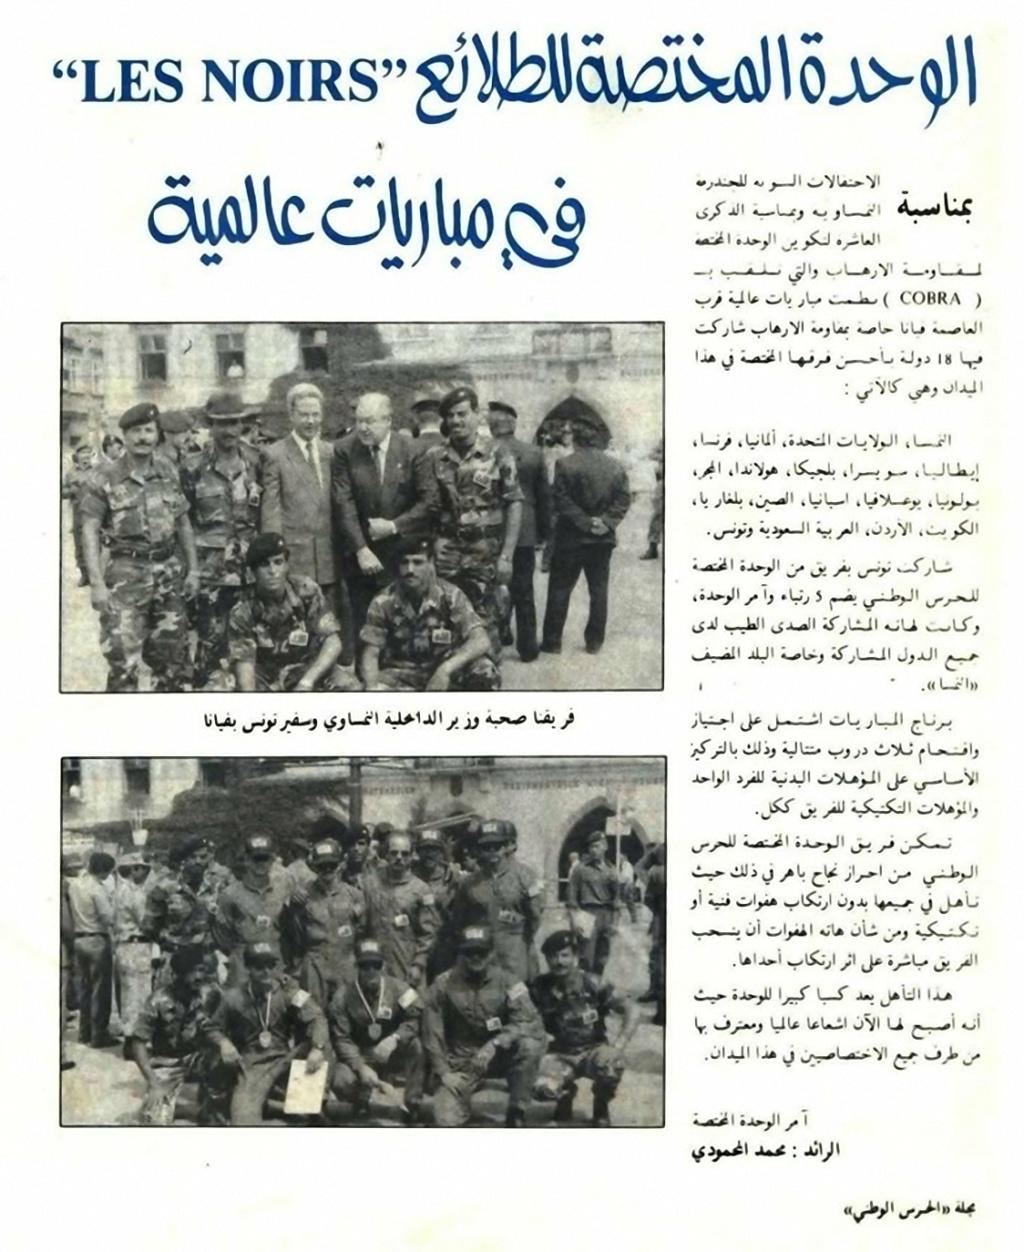 سؤال بخصوص الوحدة المختصة للحرس الوطني التونسي Tourno10